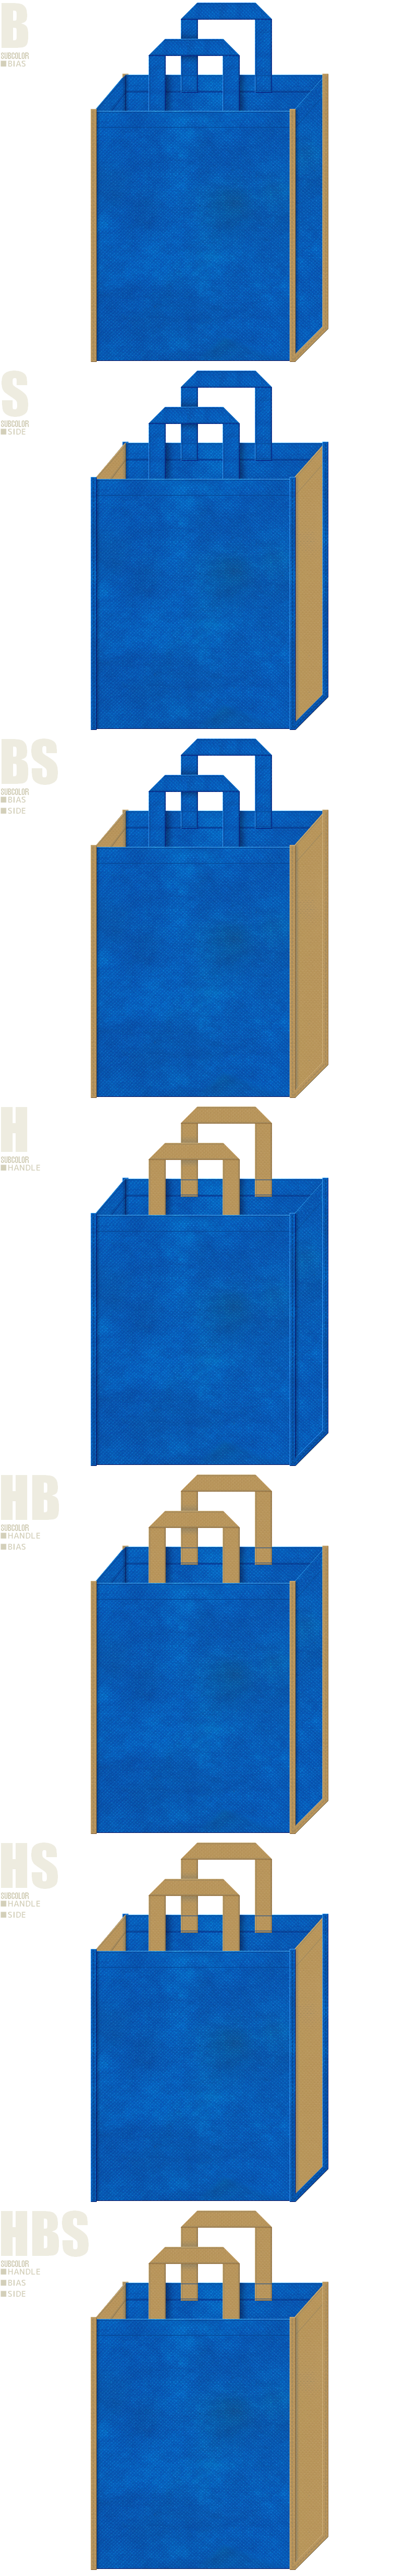 不織布トートバッグのデザイン例-不織布メインカラーNo.22+サブカラーNo.23の2色7パターン